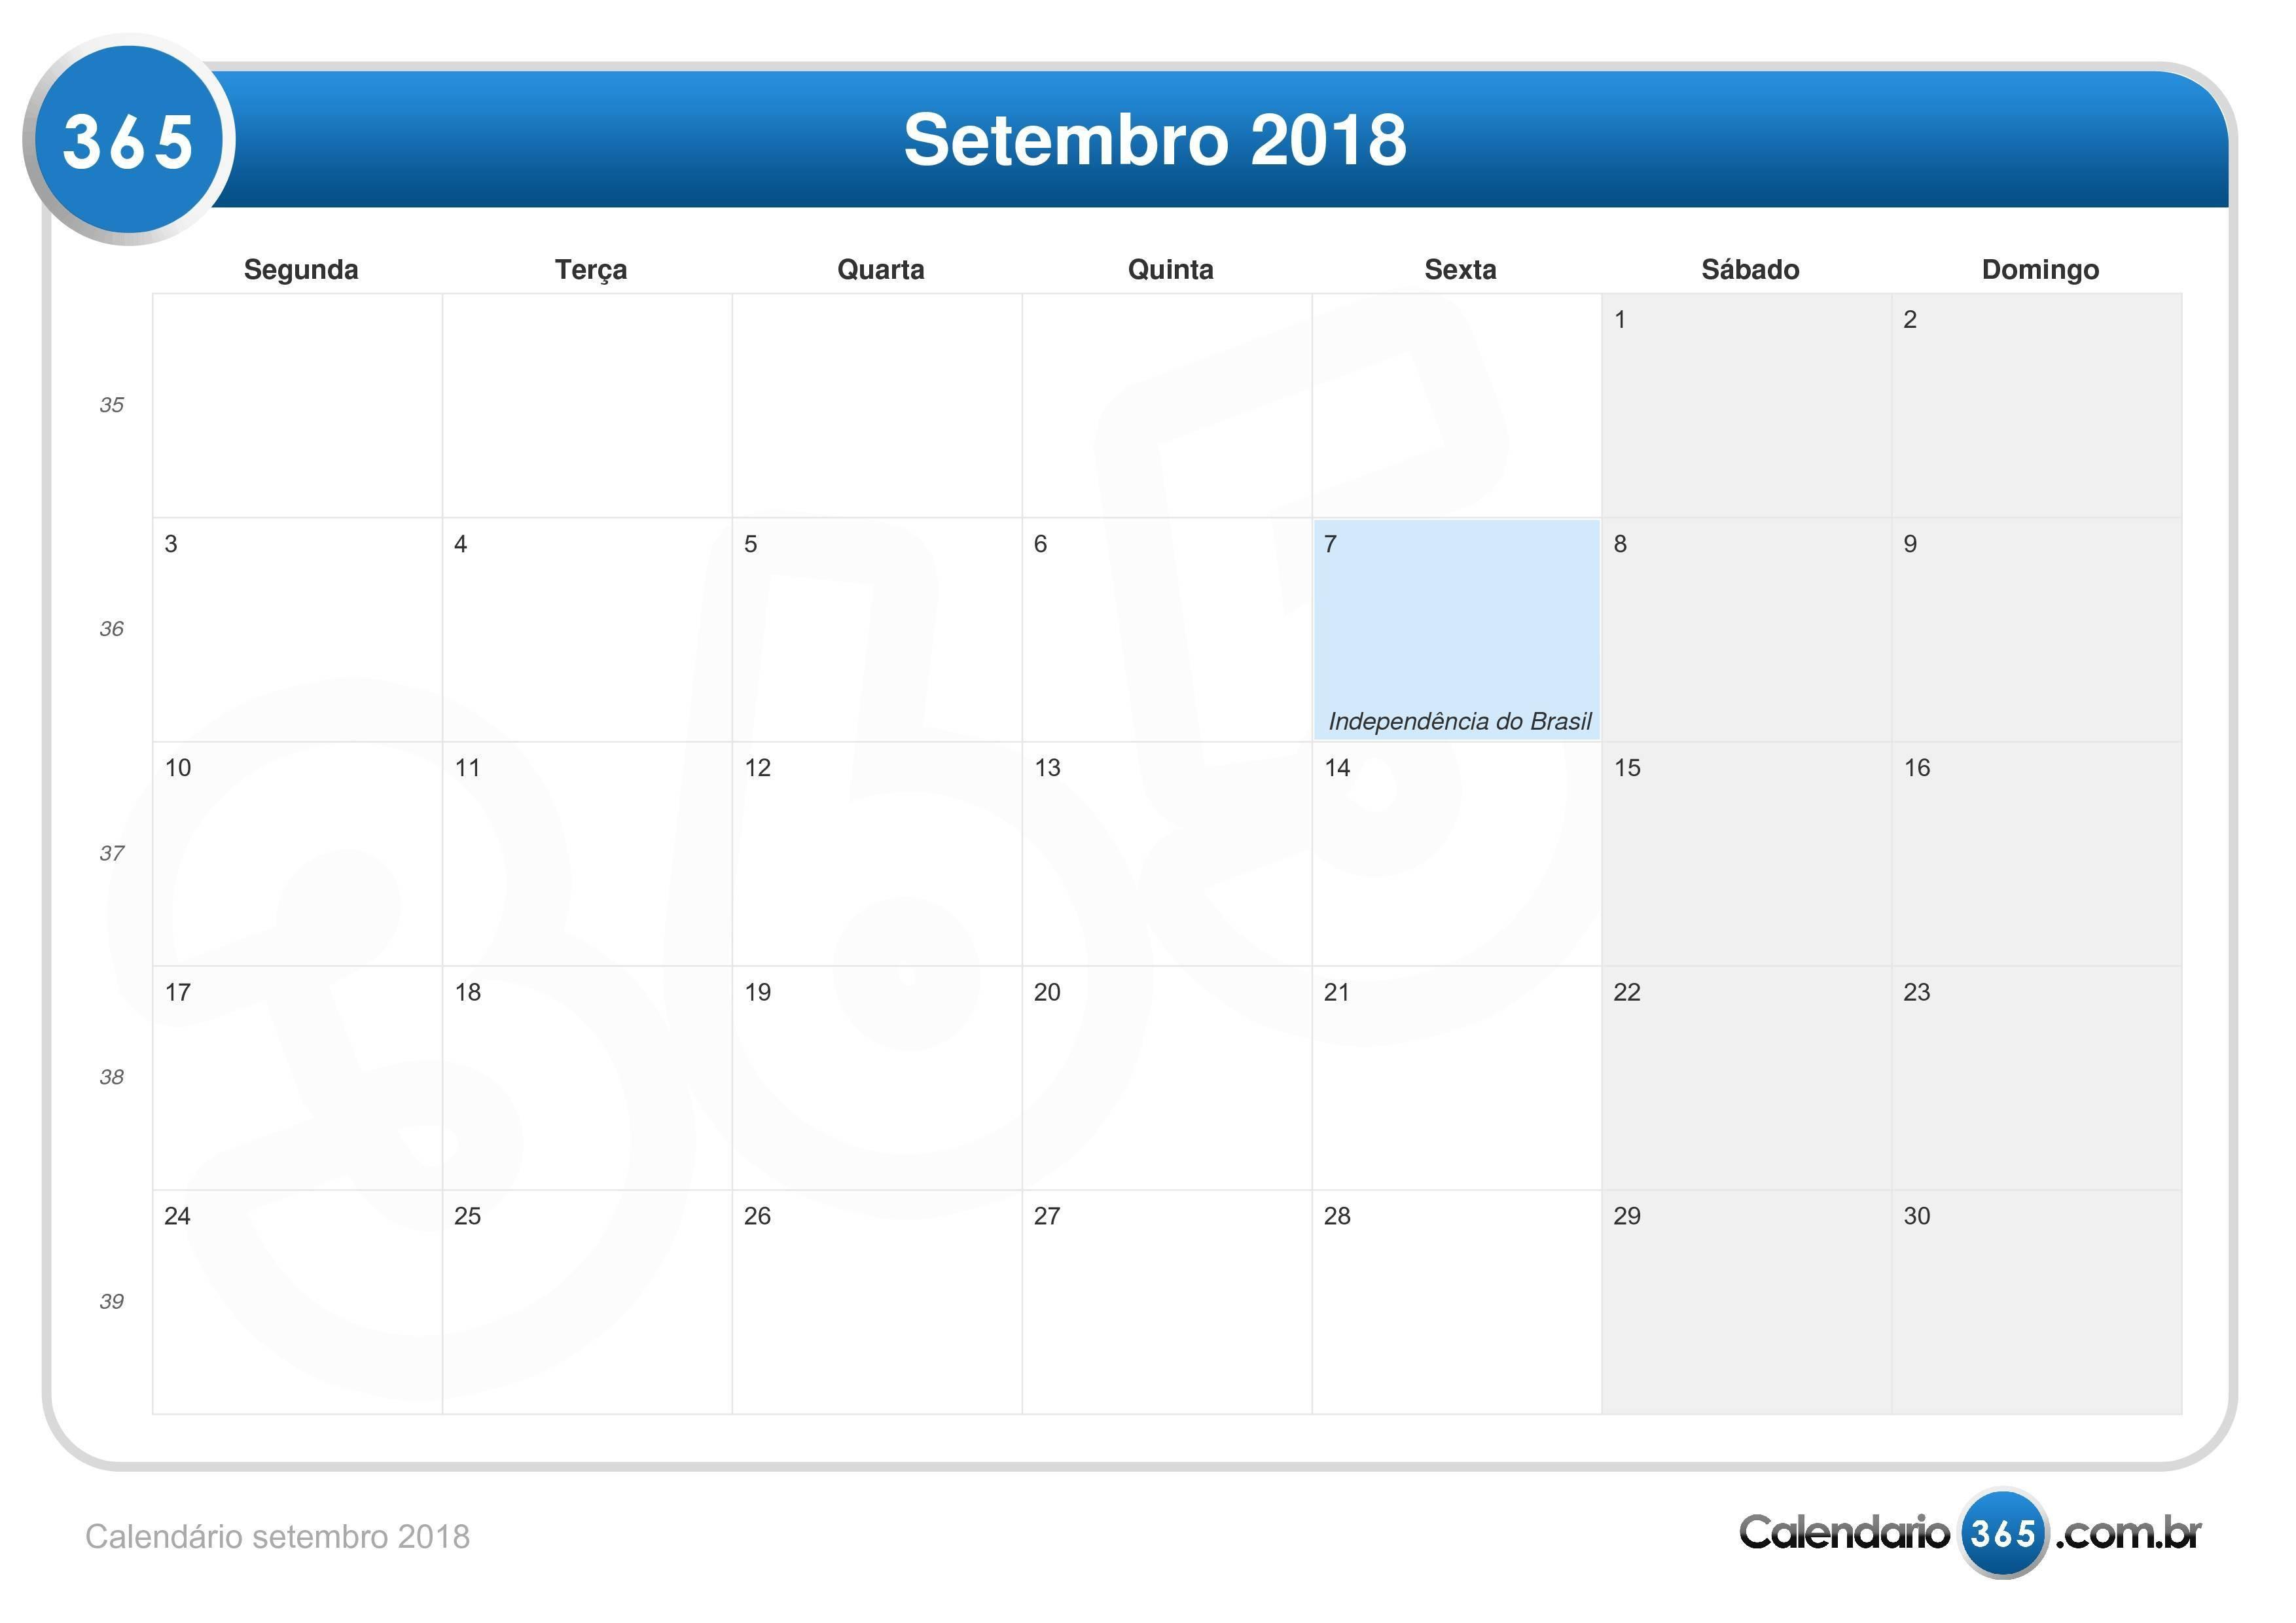 Calendário Do Pis De 2018 E 2019 Más Recientemente Liberado Calendario Novembro 2018 Imprimir T